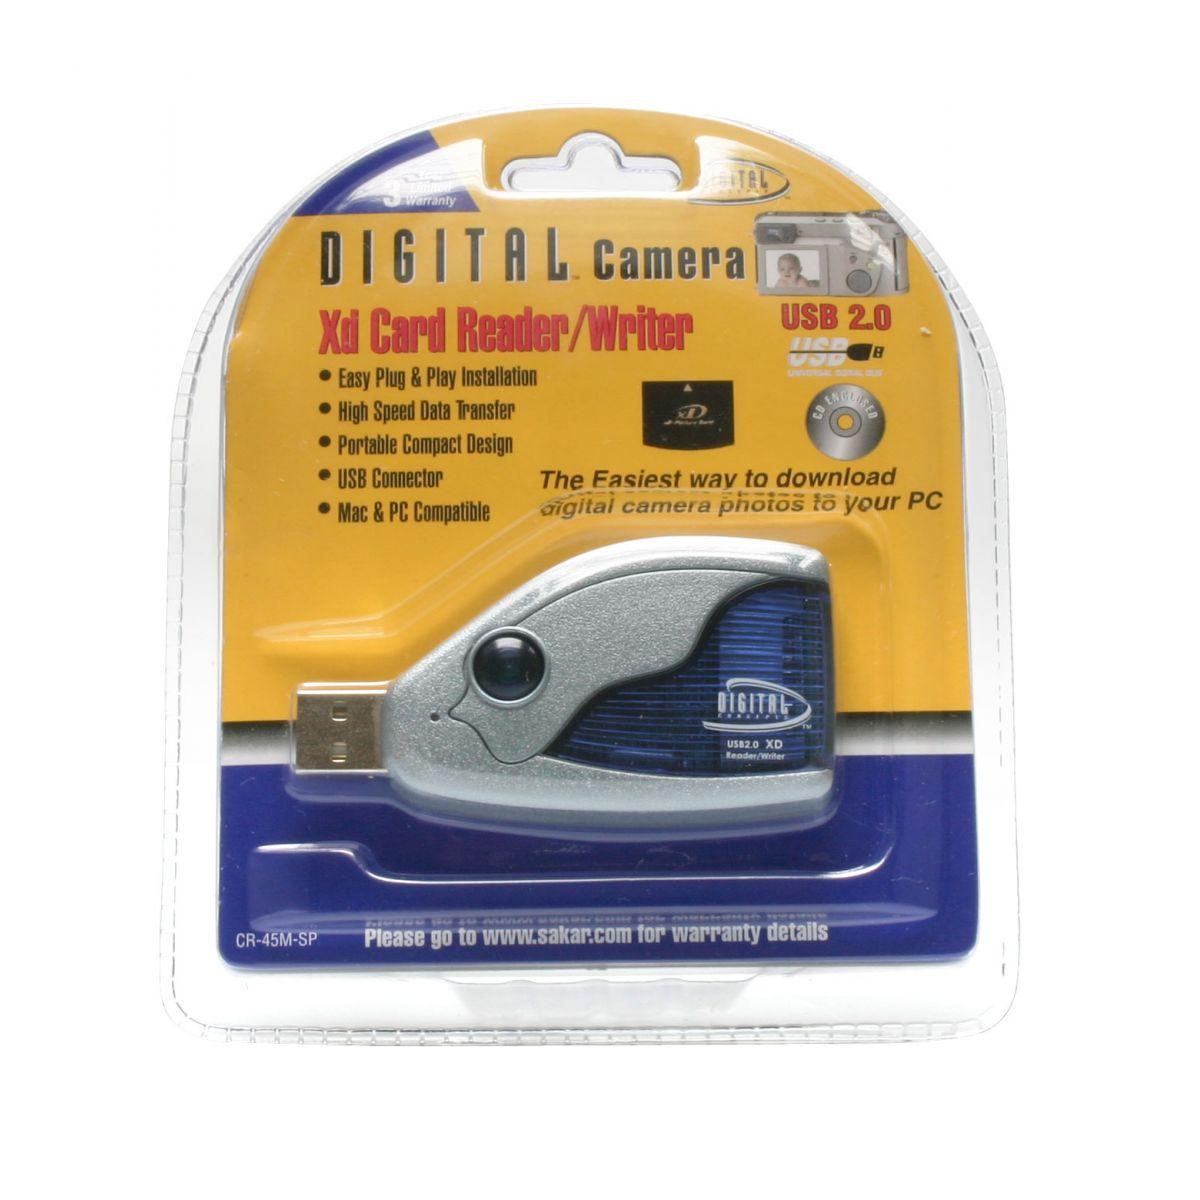 Leitor E Gravador De Cartão Xd D-Concepts Com Conexão USB 2.0 E Cabo De Extensão - CR45M